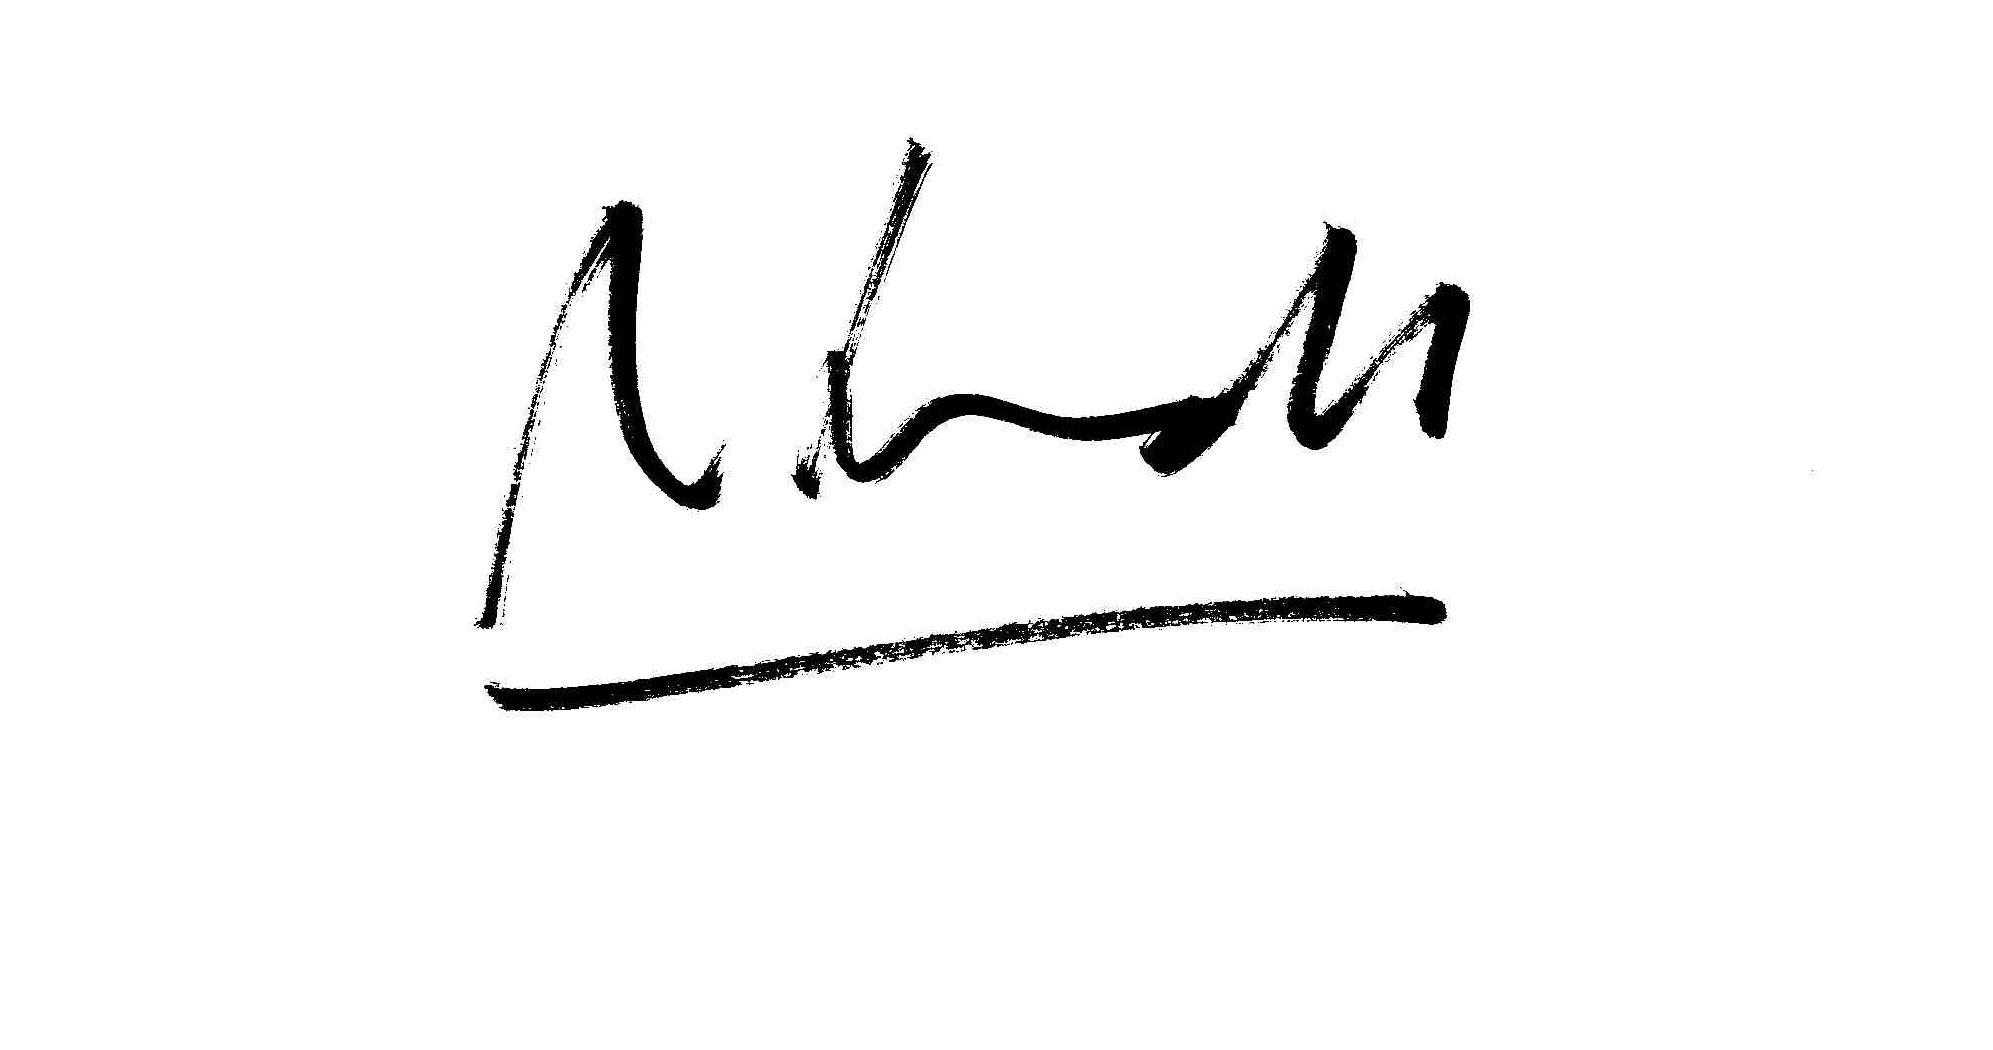 Ana Schmidt's Signature